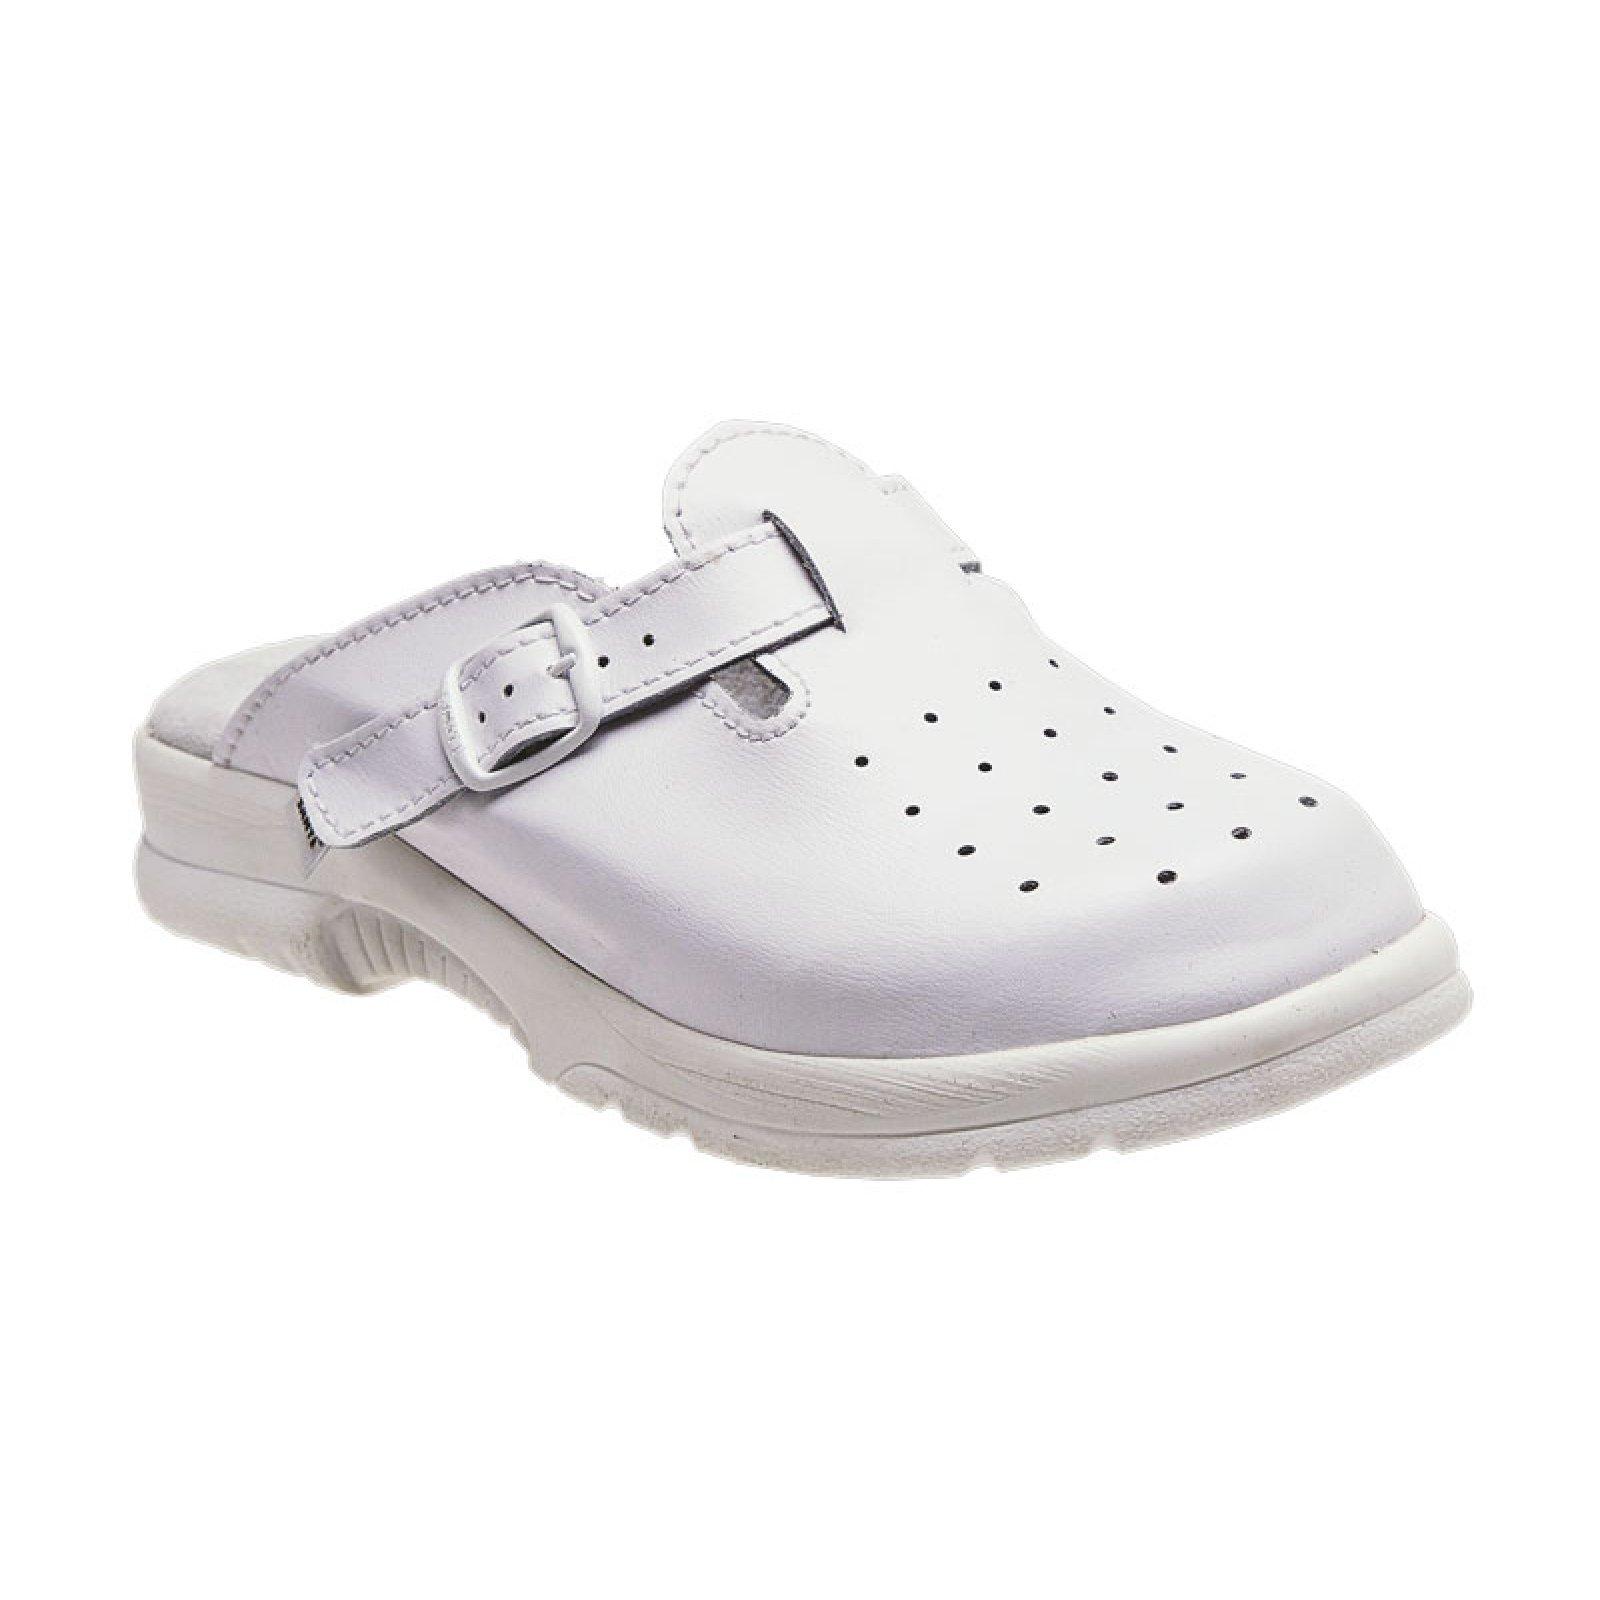 5100f52913a pánské pantofle Santé 517 38 bílé